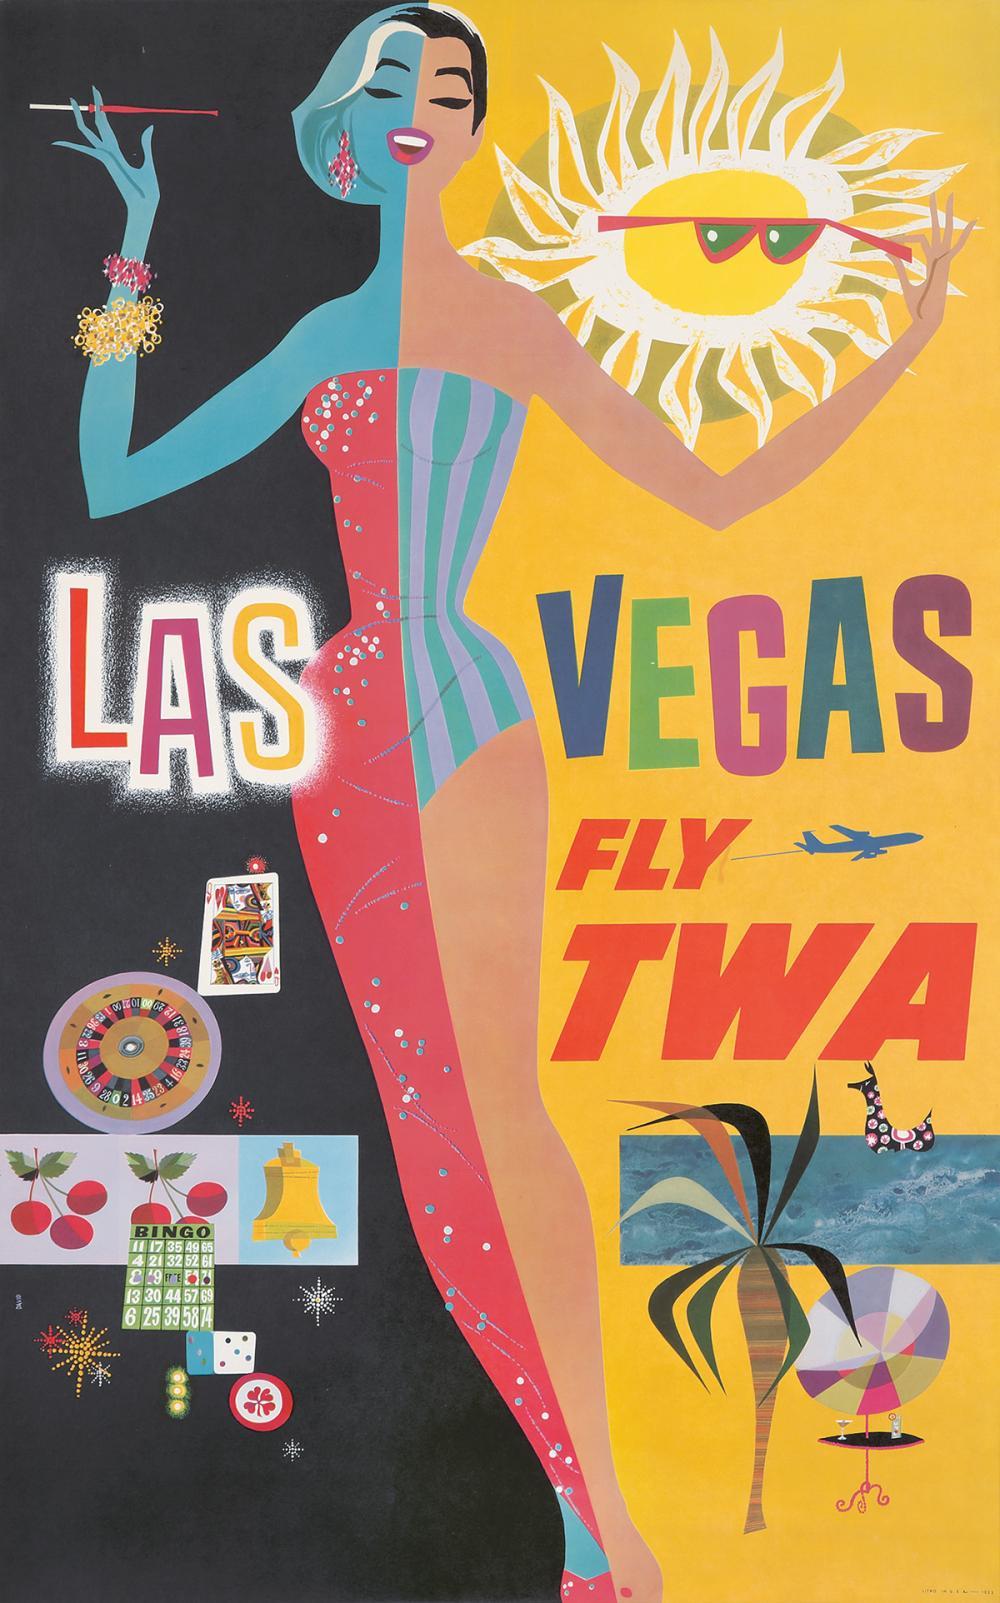 TWA / Las Vegas. 1950.